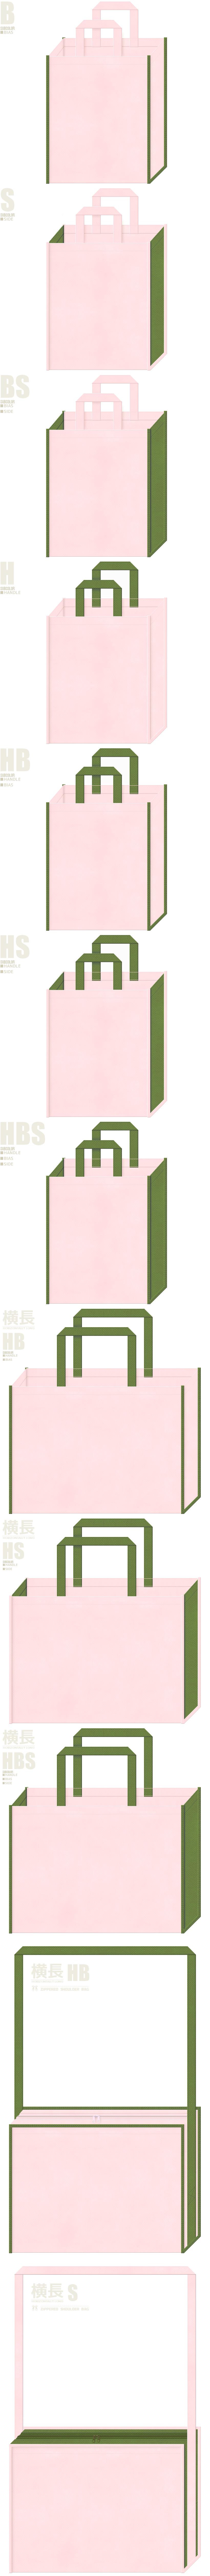 和風催事・和菓子の保冷バッグにお奨めです。桜色と草色、7パターンの不織布トートバッグ配色デザイン例。桜餅風。